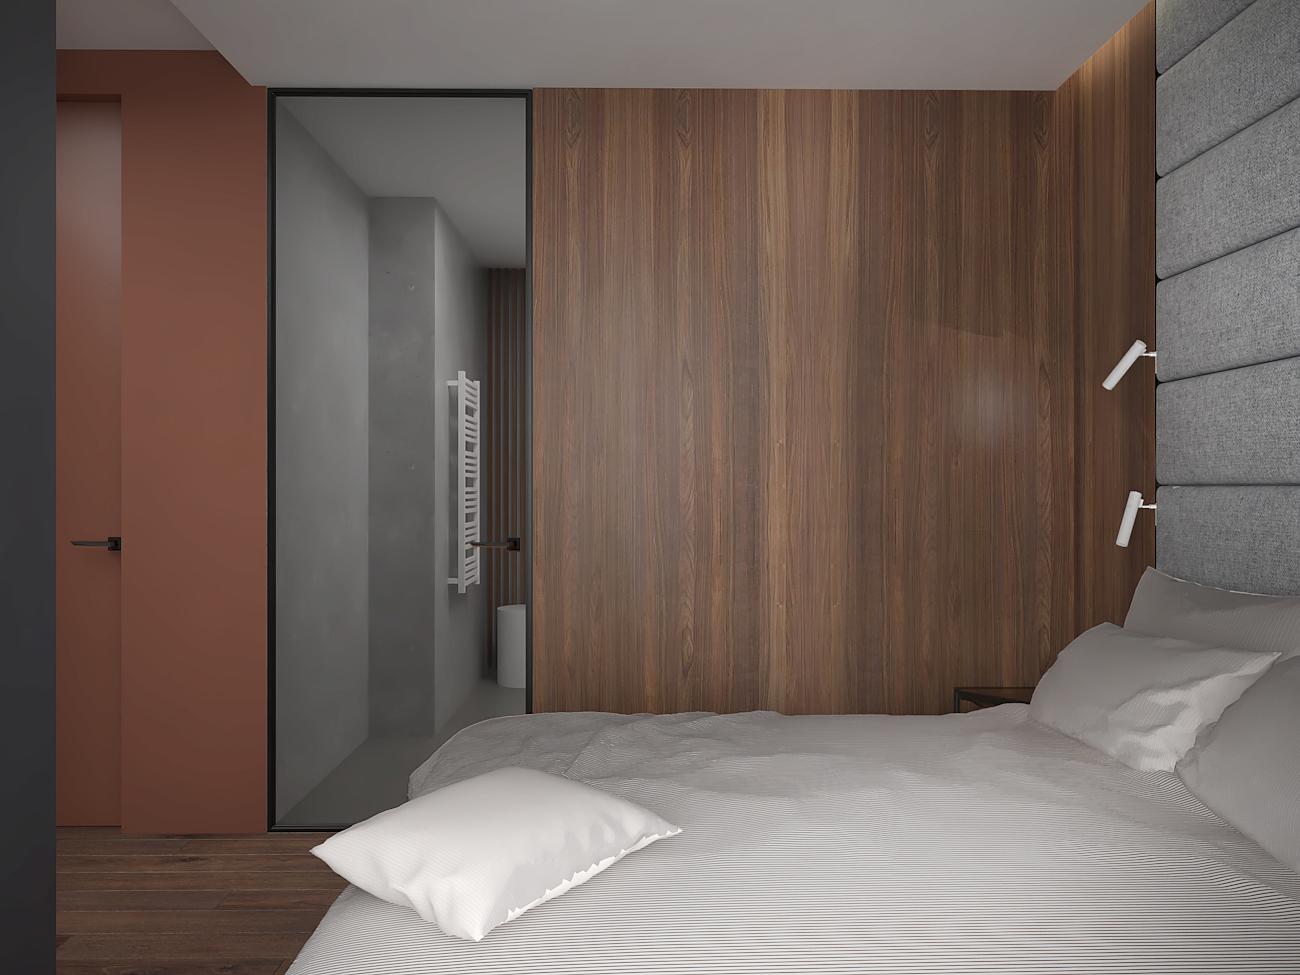 13 aranzacja wnetrza M563 mieszkanie katowice sypialnia szklane drzwi do lazienki fornirowana sciana